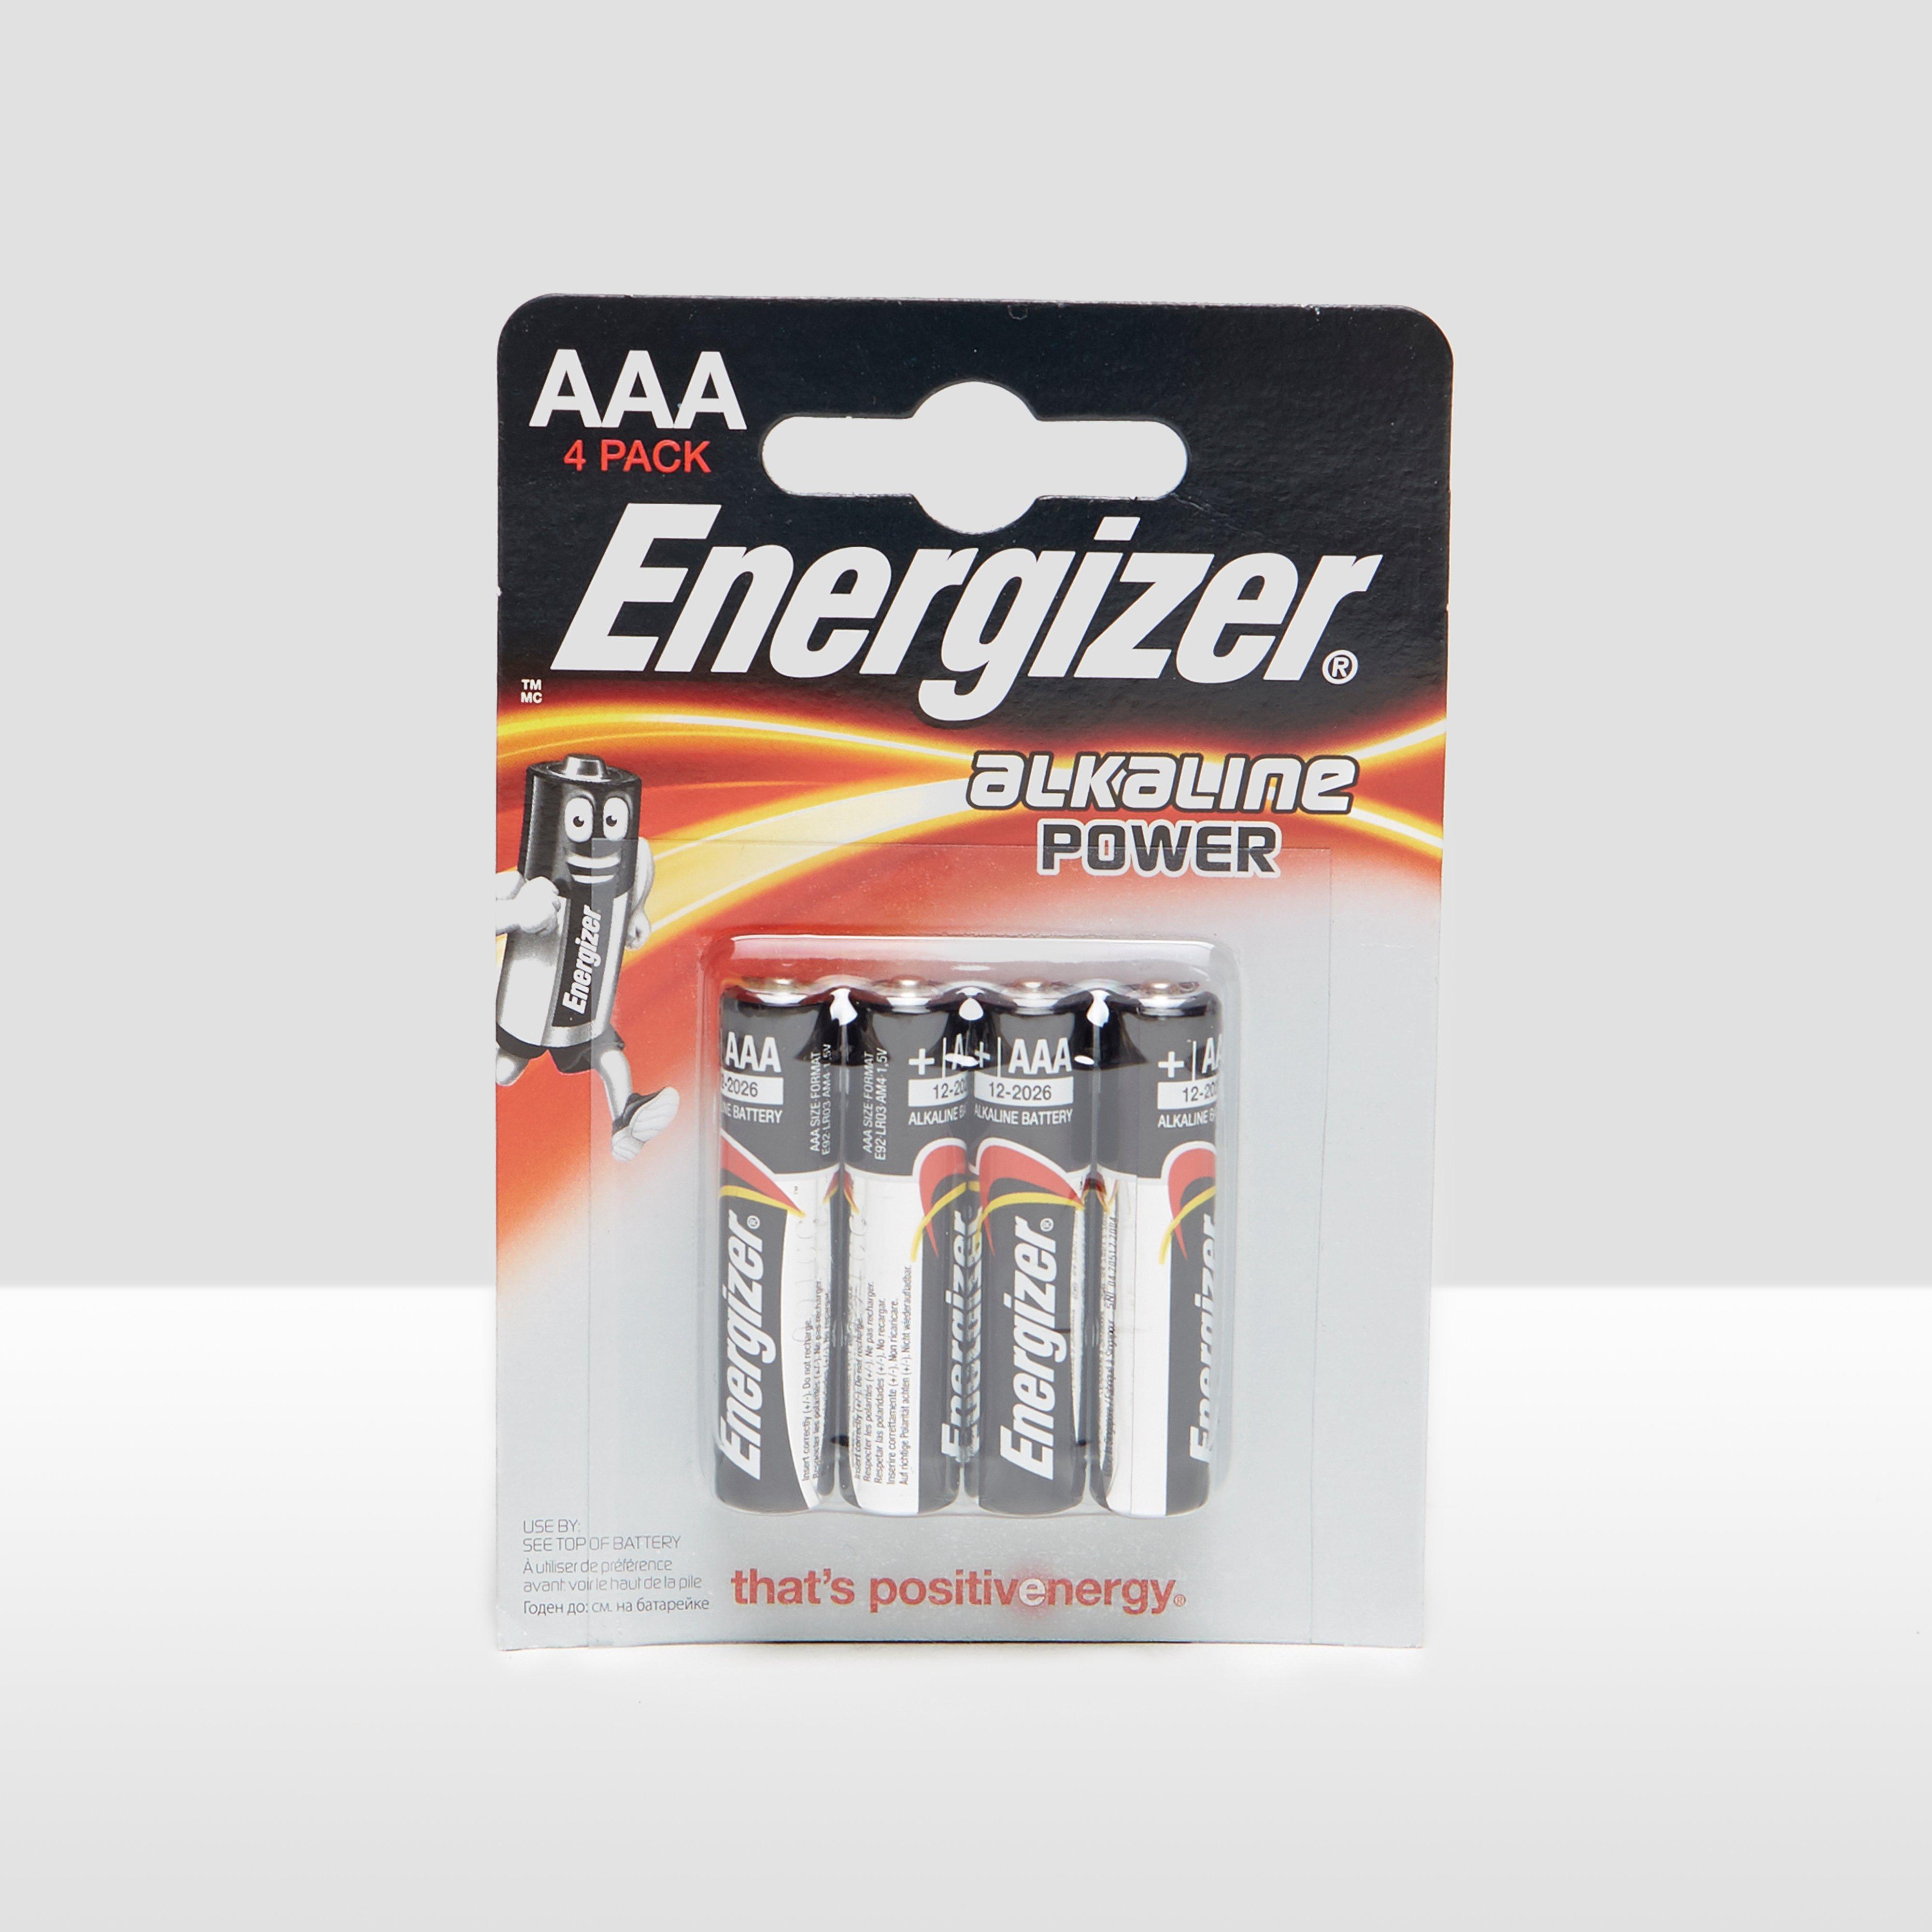 ENERGIZER LR03/AAA BL/4 ALKALINE